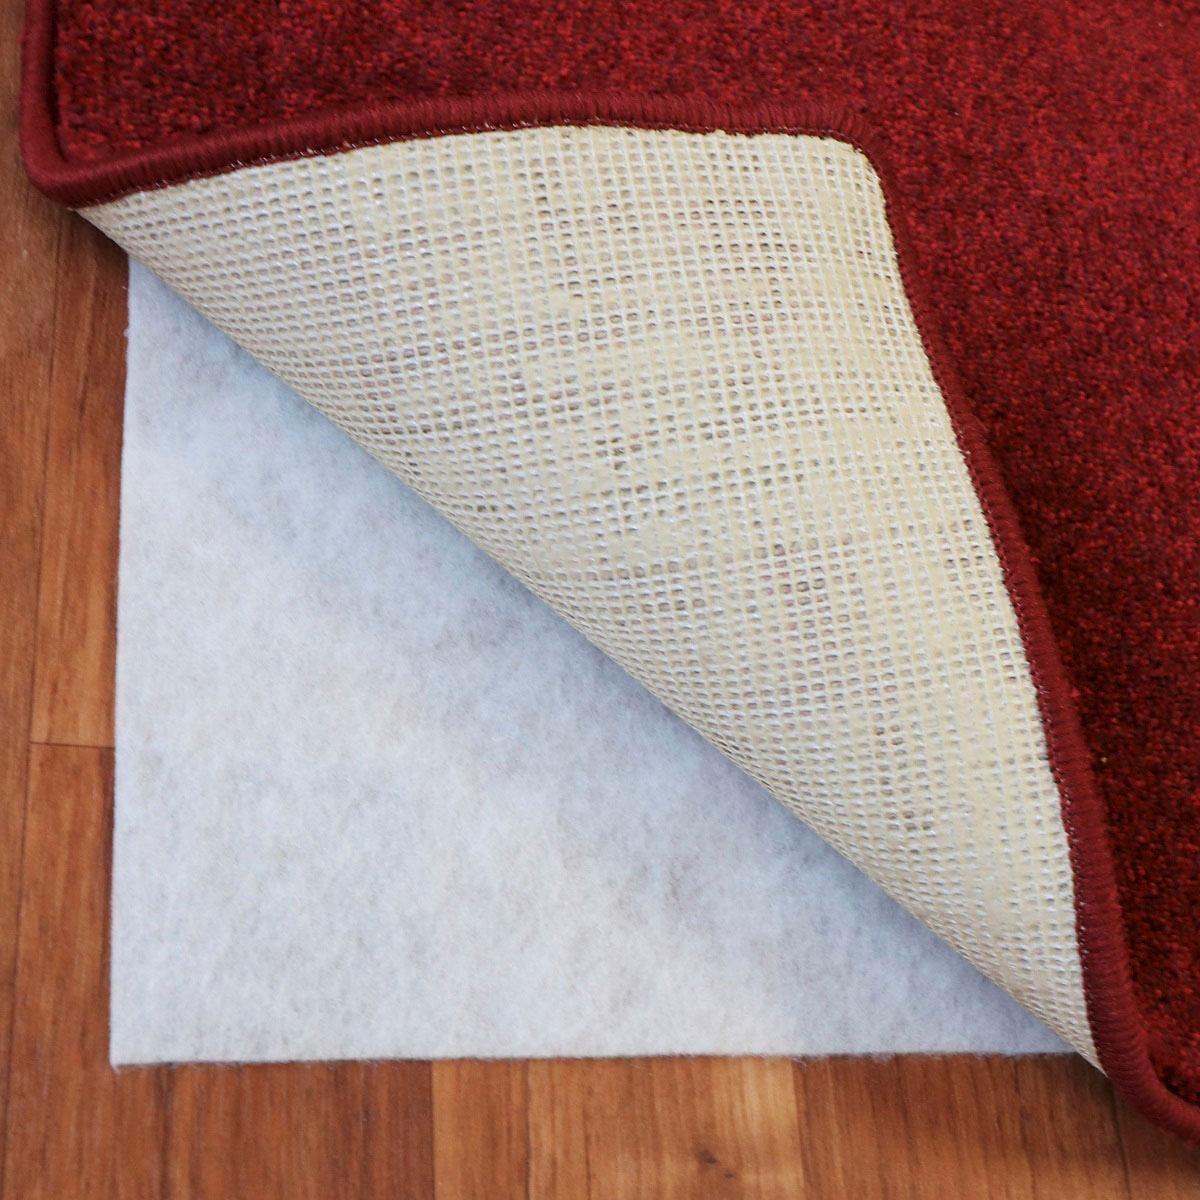 Living Line Antirutsch Teppichunterlage Teppich Stop, Anti Rutsch Vlies beige Teppichunterlagen Teppiche